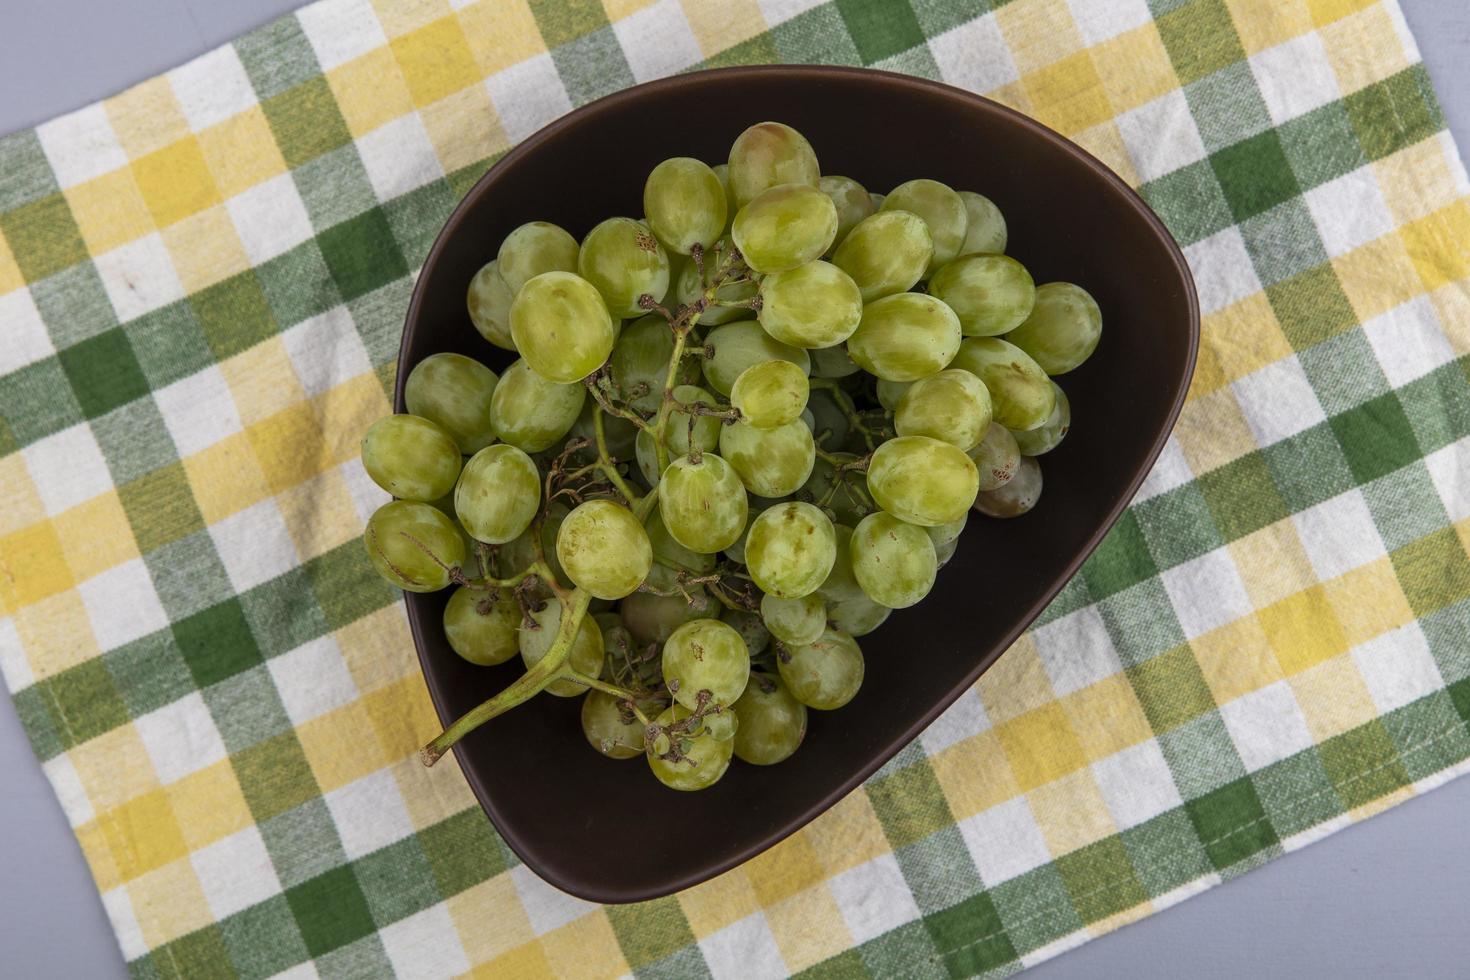 uvas brancas em uma tigela sobre pano xadrez em fundo cinza foto